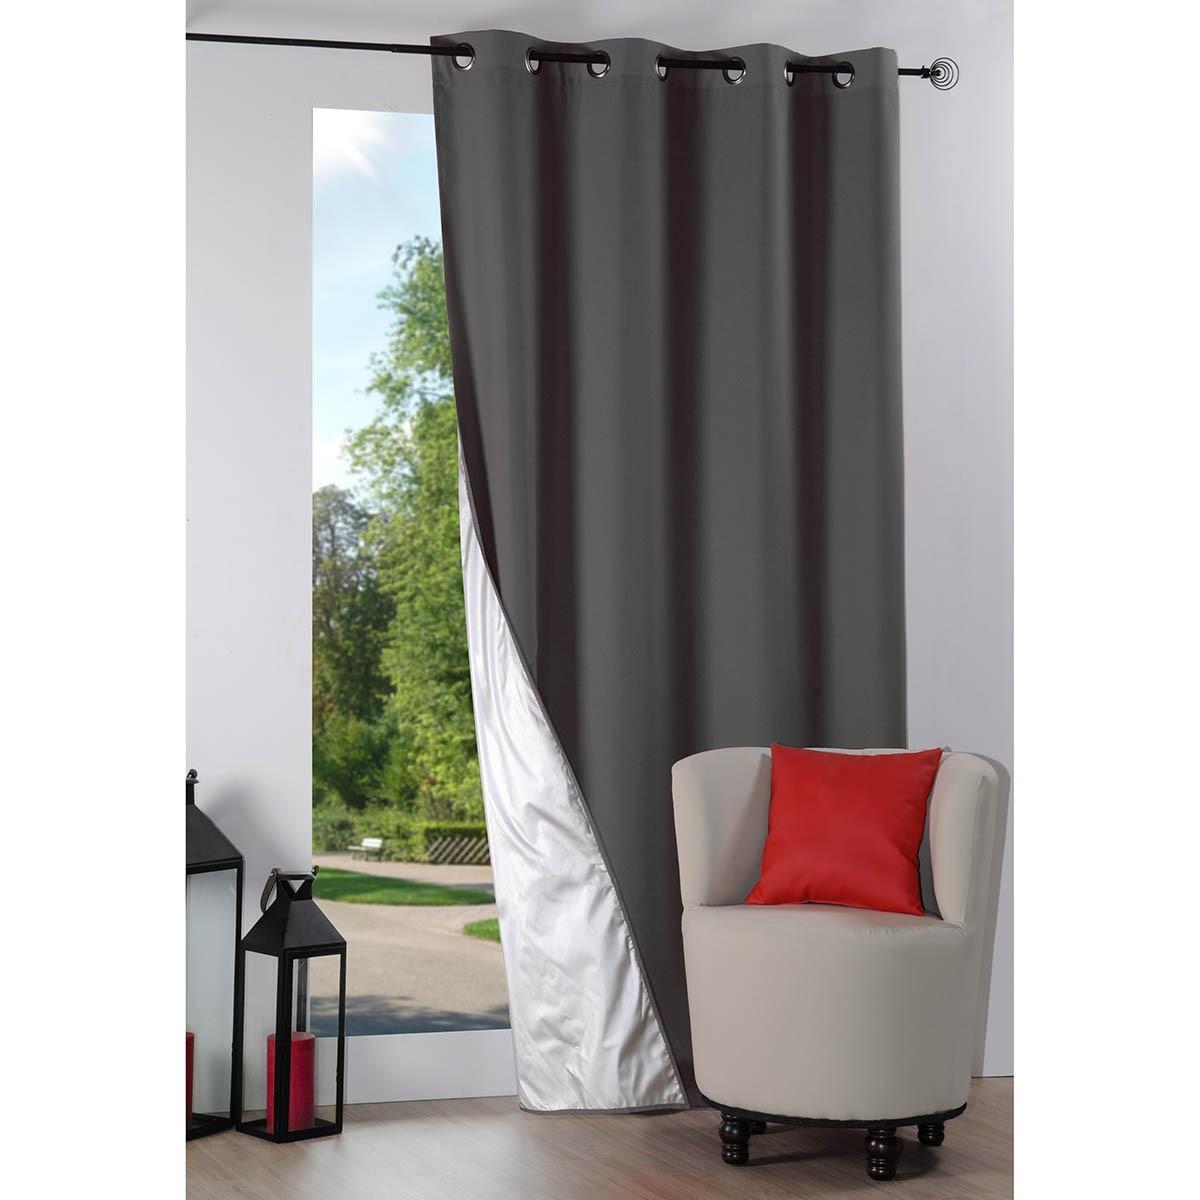 quels types de rideaux pour compl tement bloquer le soleil rideaux pas cher. Black Bedroom Furniture Sets. Home Design Ideas